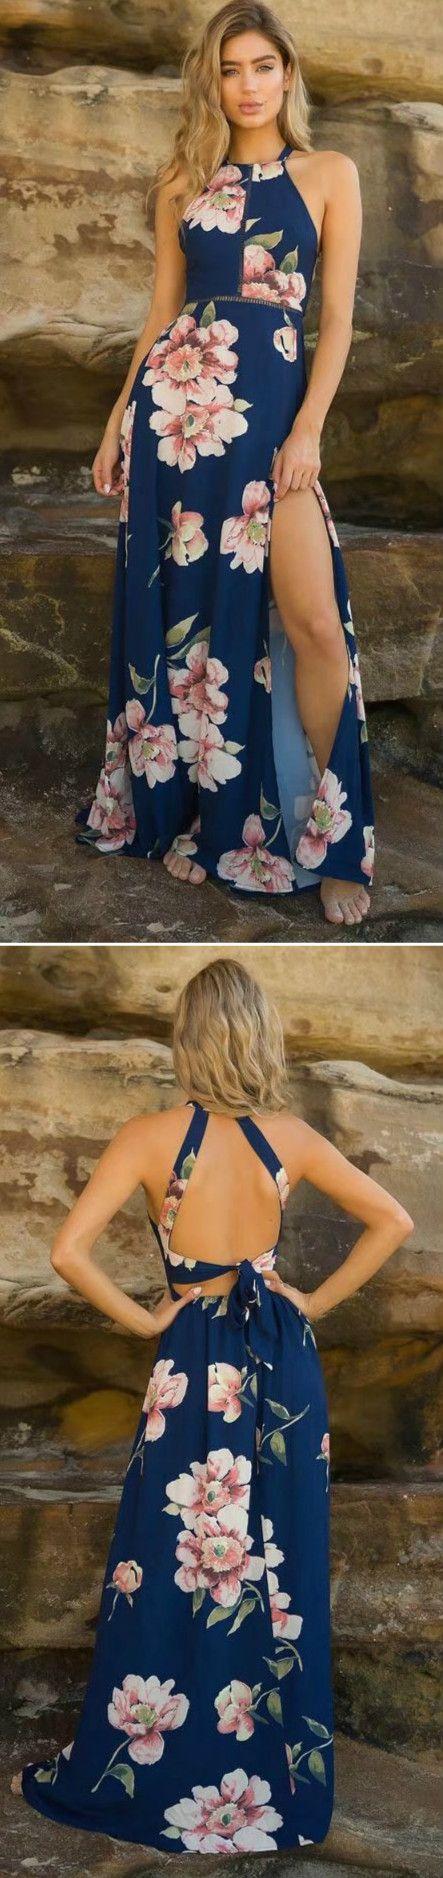 Vestidos Floridos 2020Longos